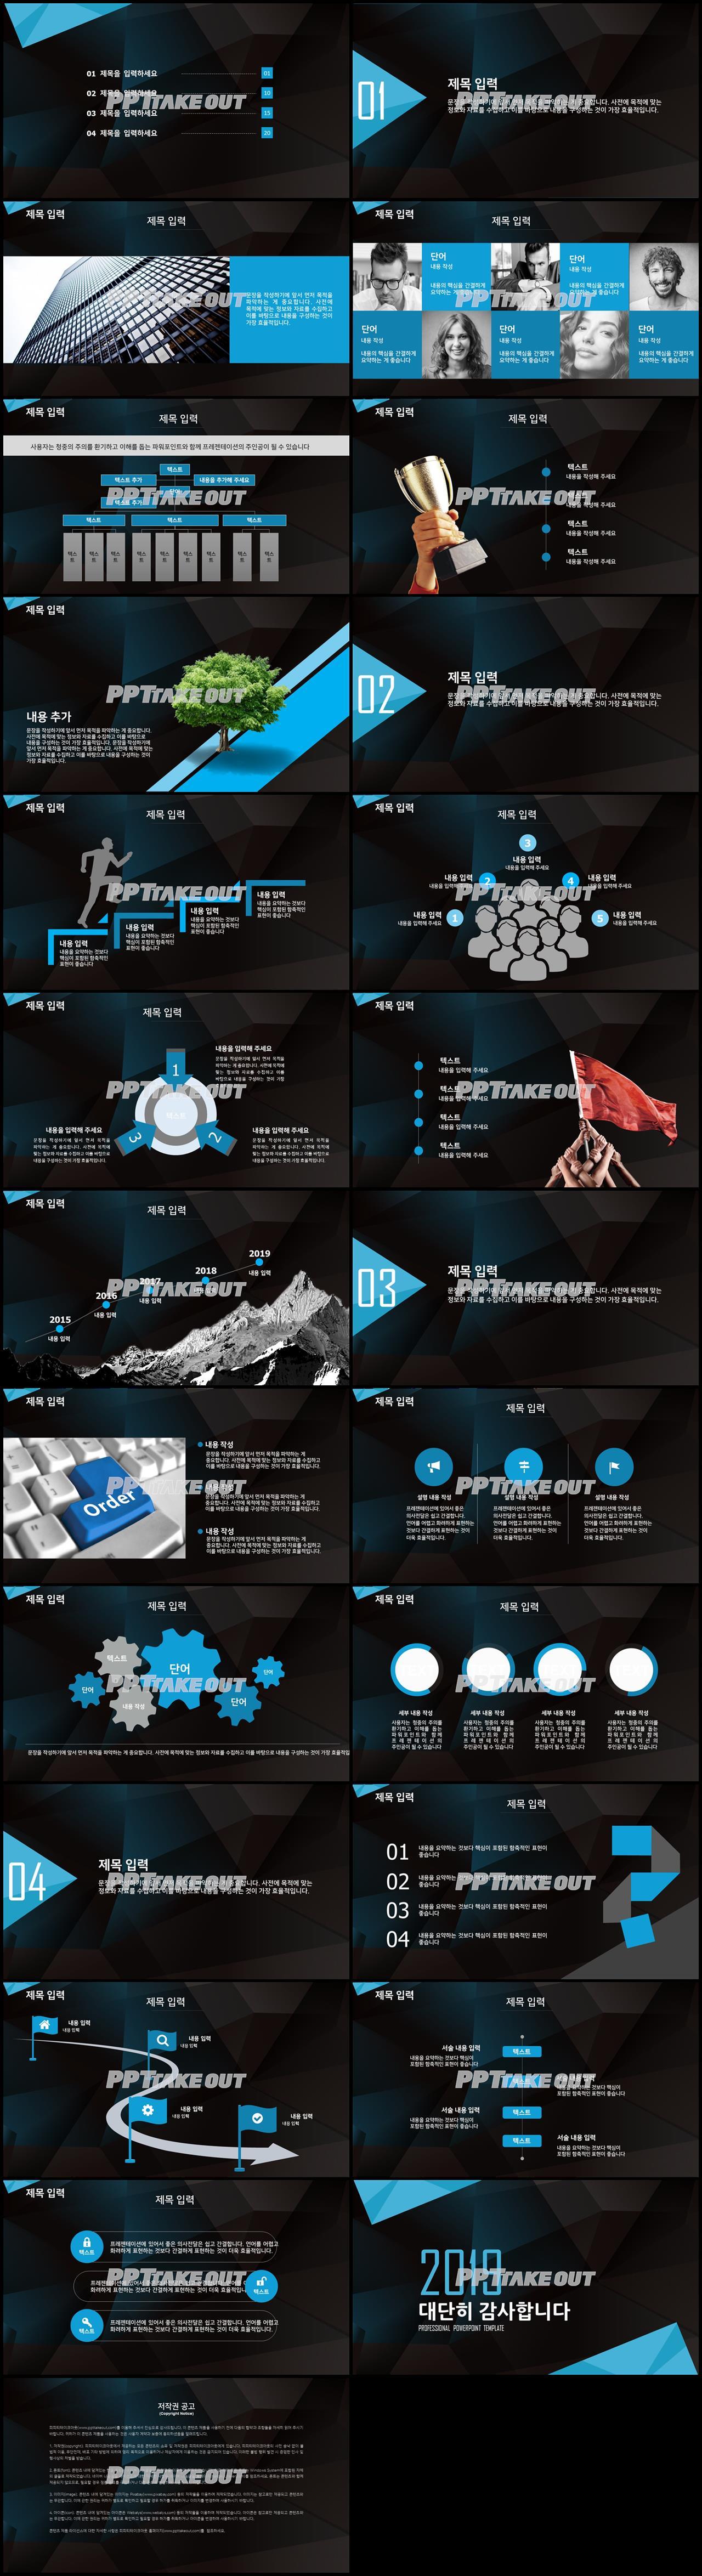 사업보고서 파랑색 심플한 고급스럽운 POWERPOINT테마 사이트 상세보기